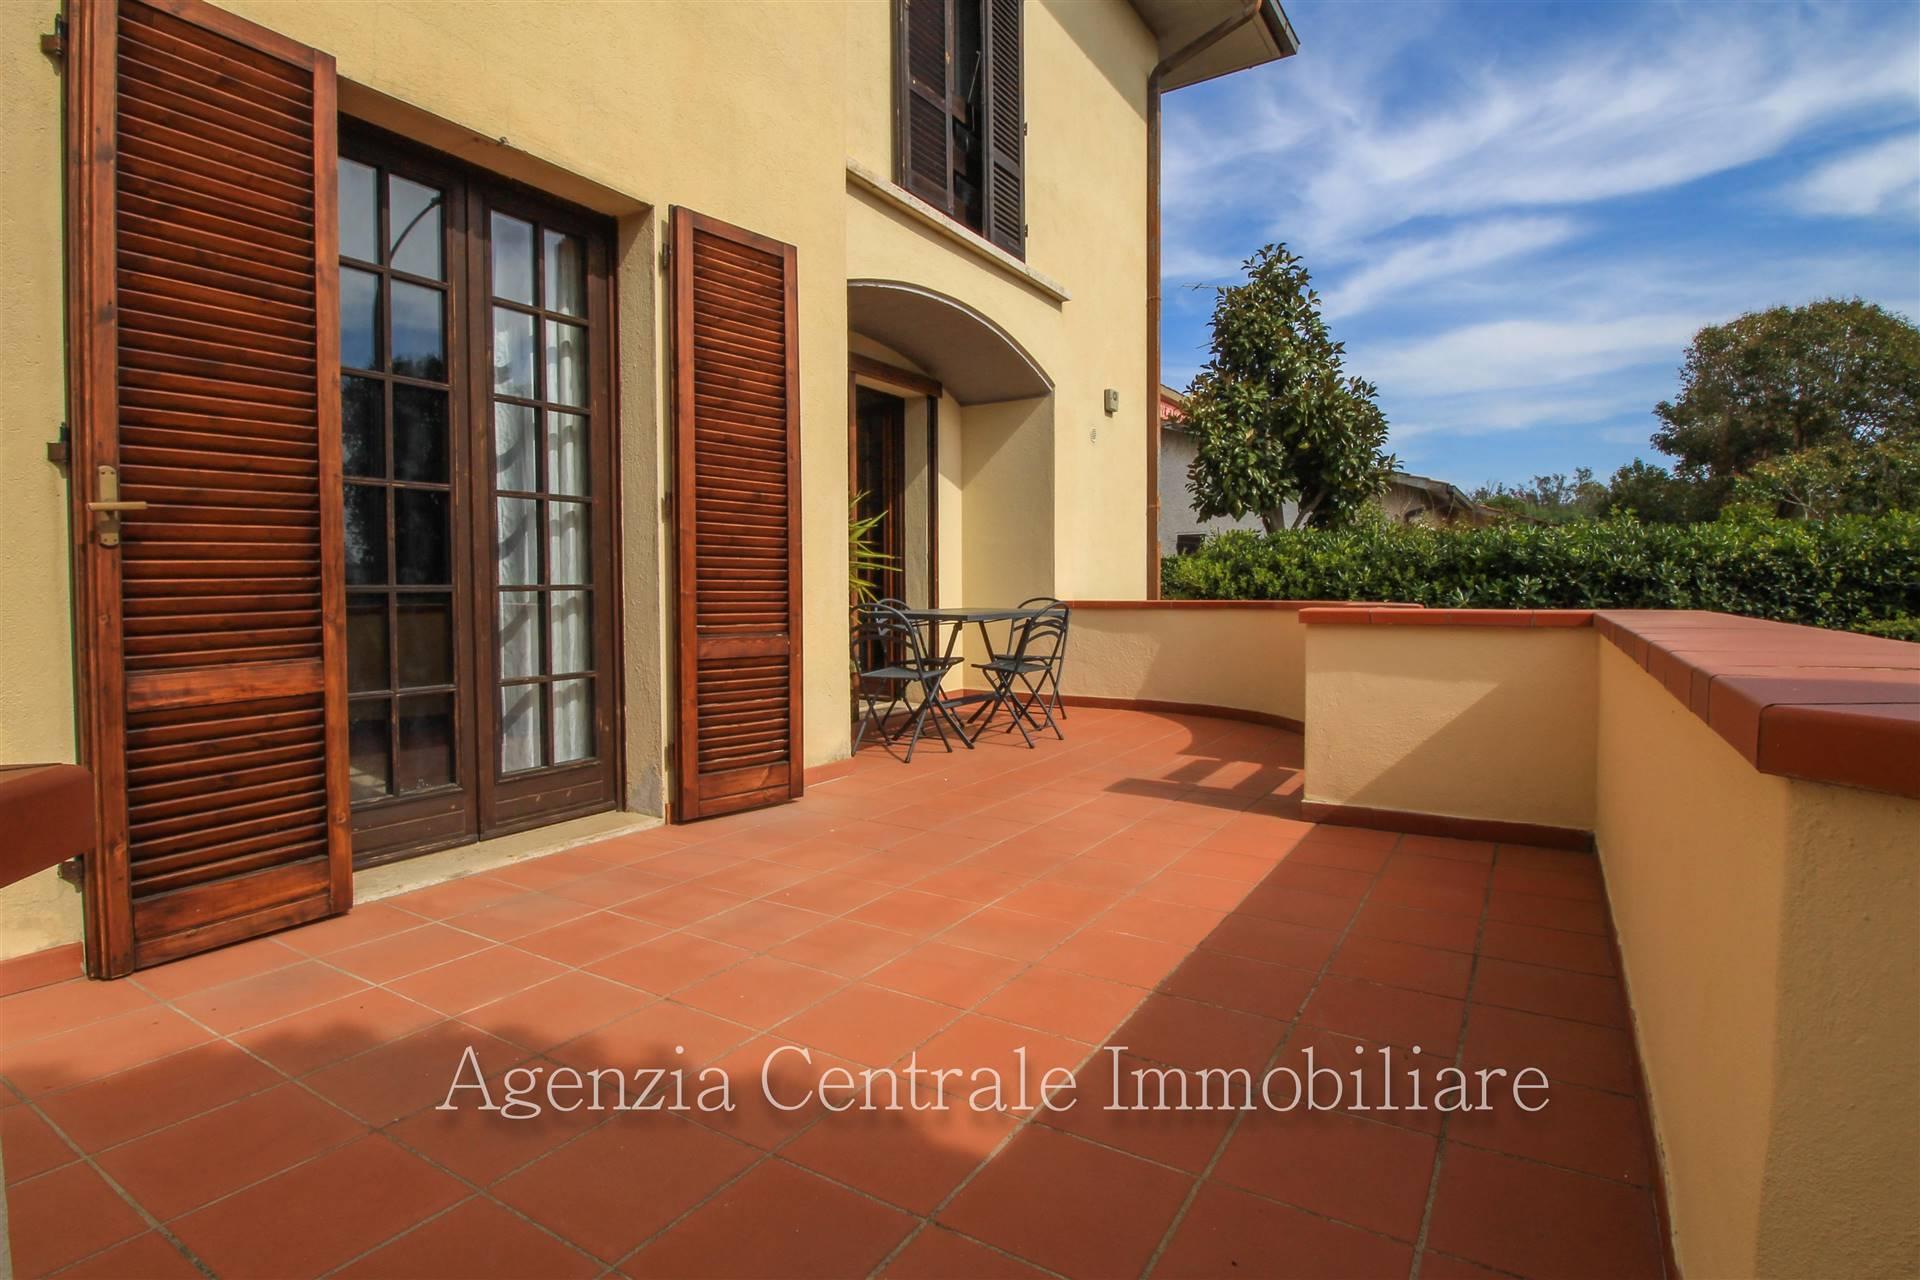 Appartamento in vendita a Grosseto, 6 locali, zona Località: RISPESCIA, prezzo € 390.000 | CambioCasa.it